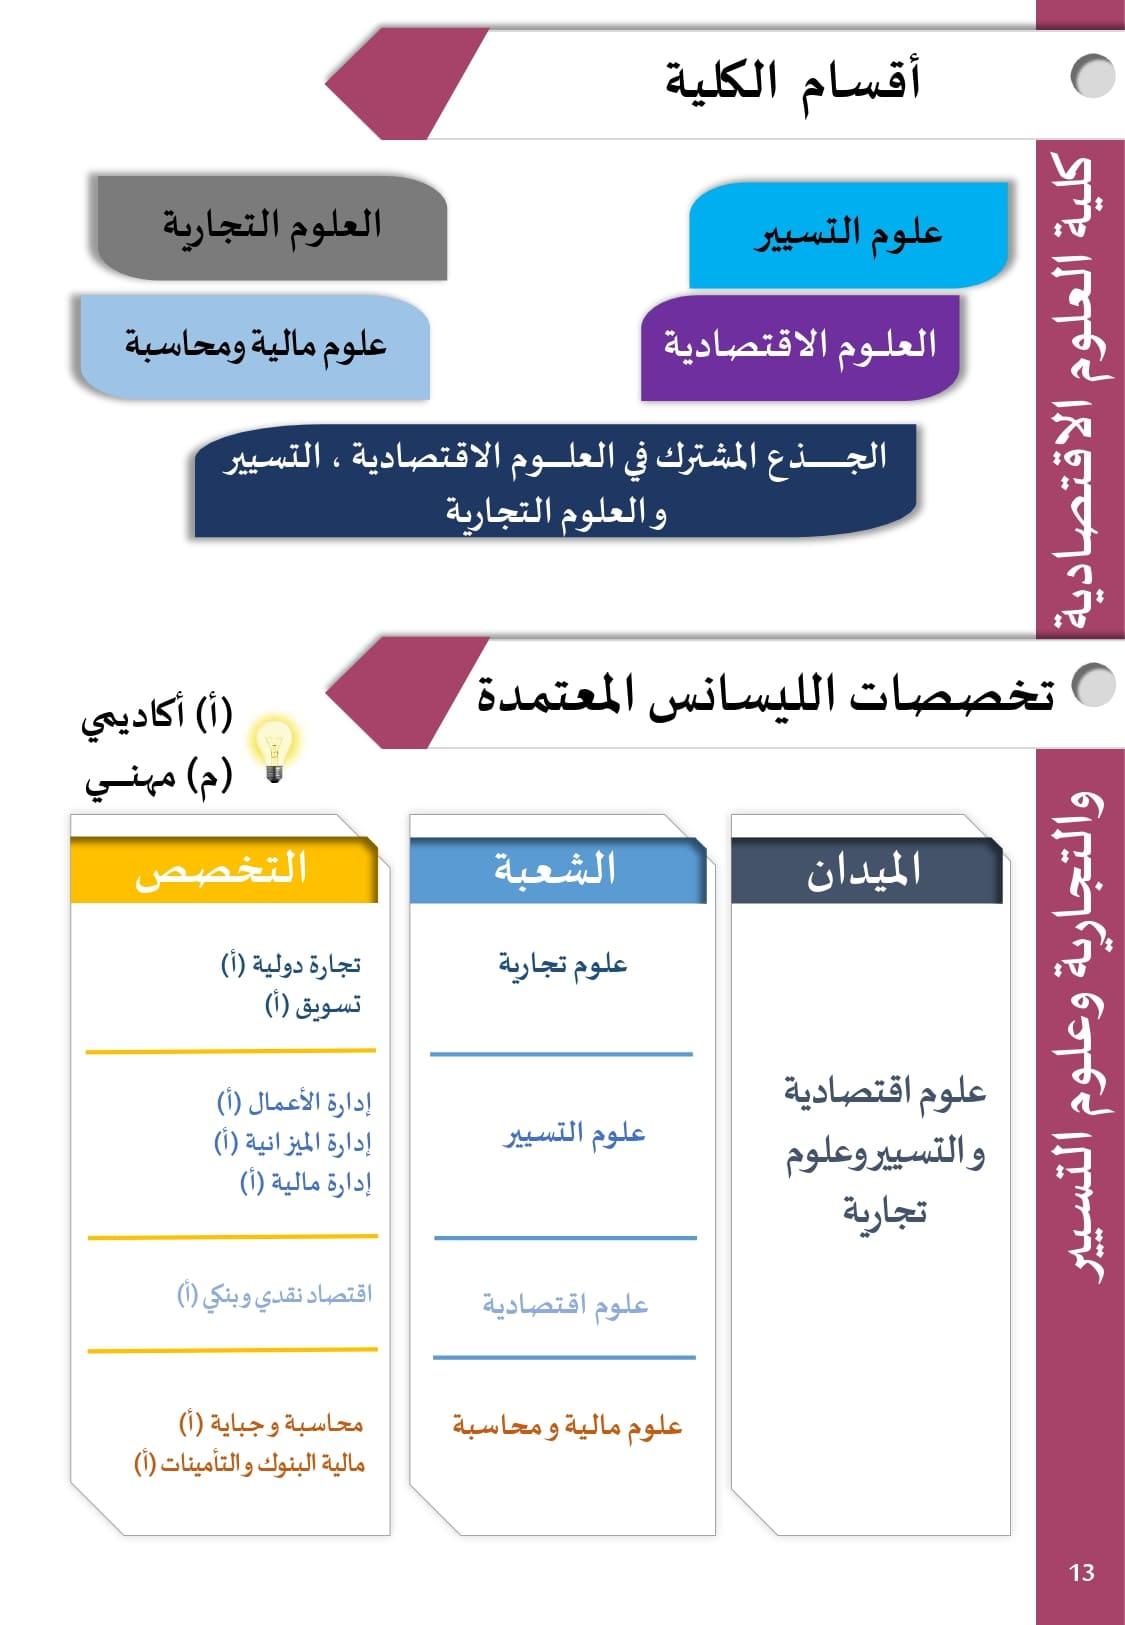 دليل الطالب الجامعي